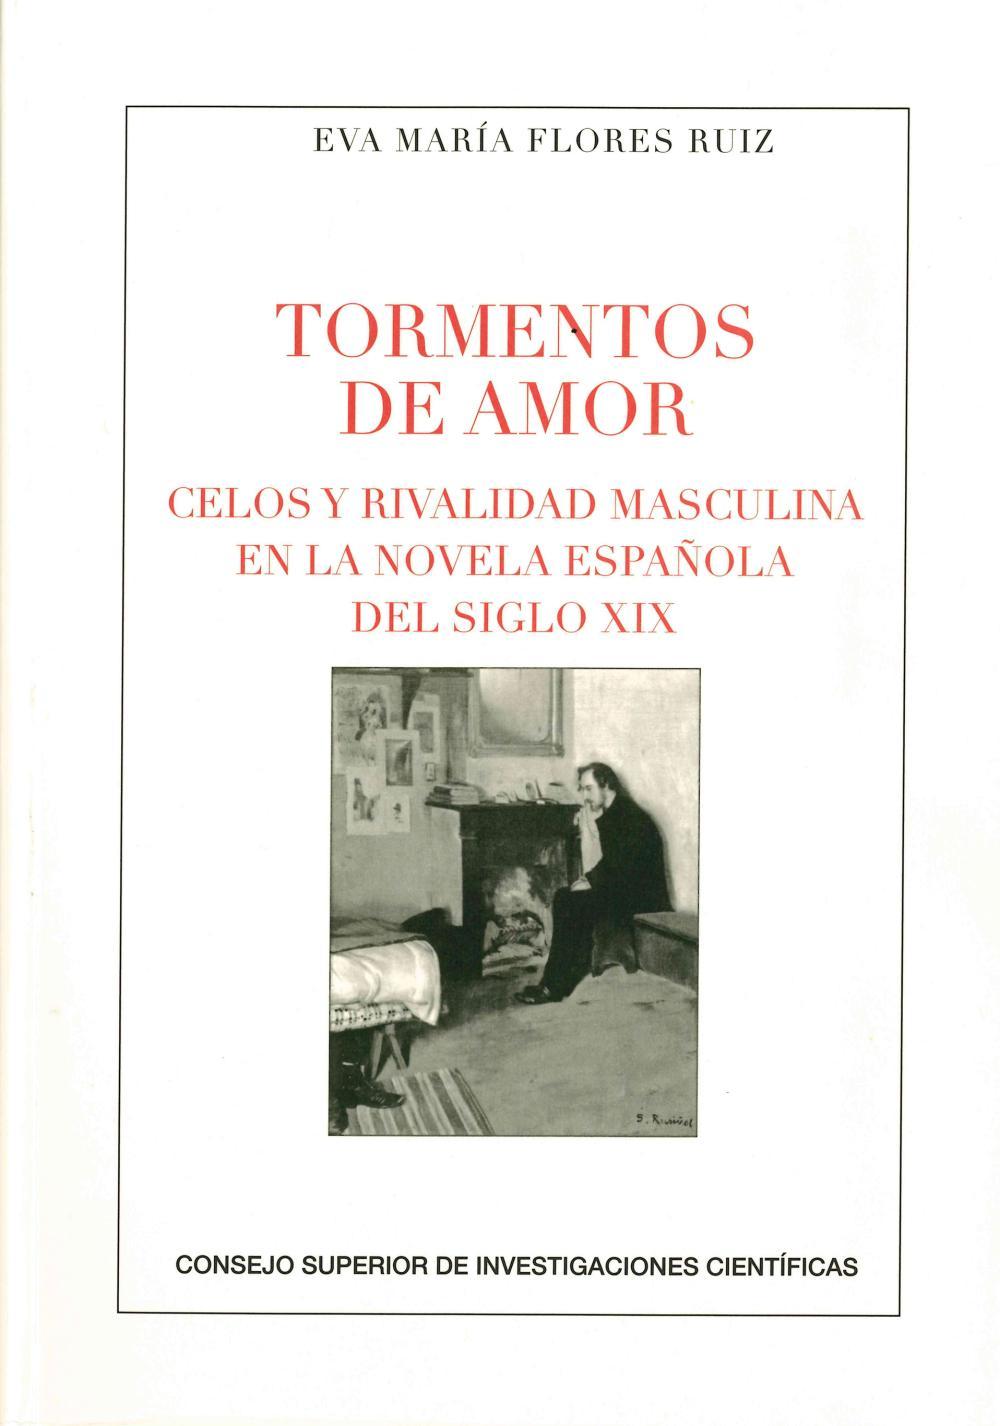 Tormentos de amor : celos y rivalidad masculina en la novela española del siglo XIX